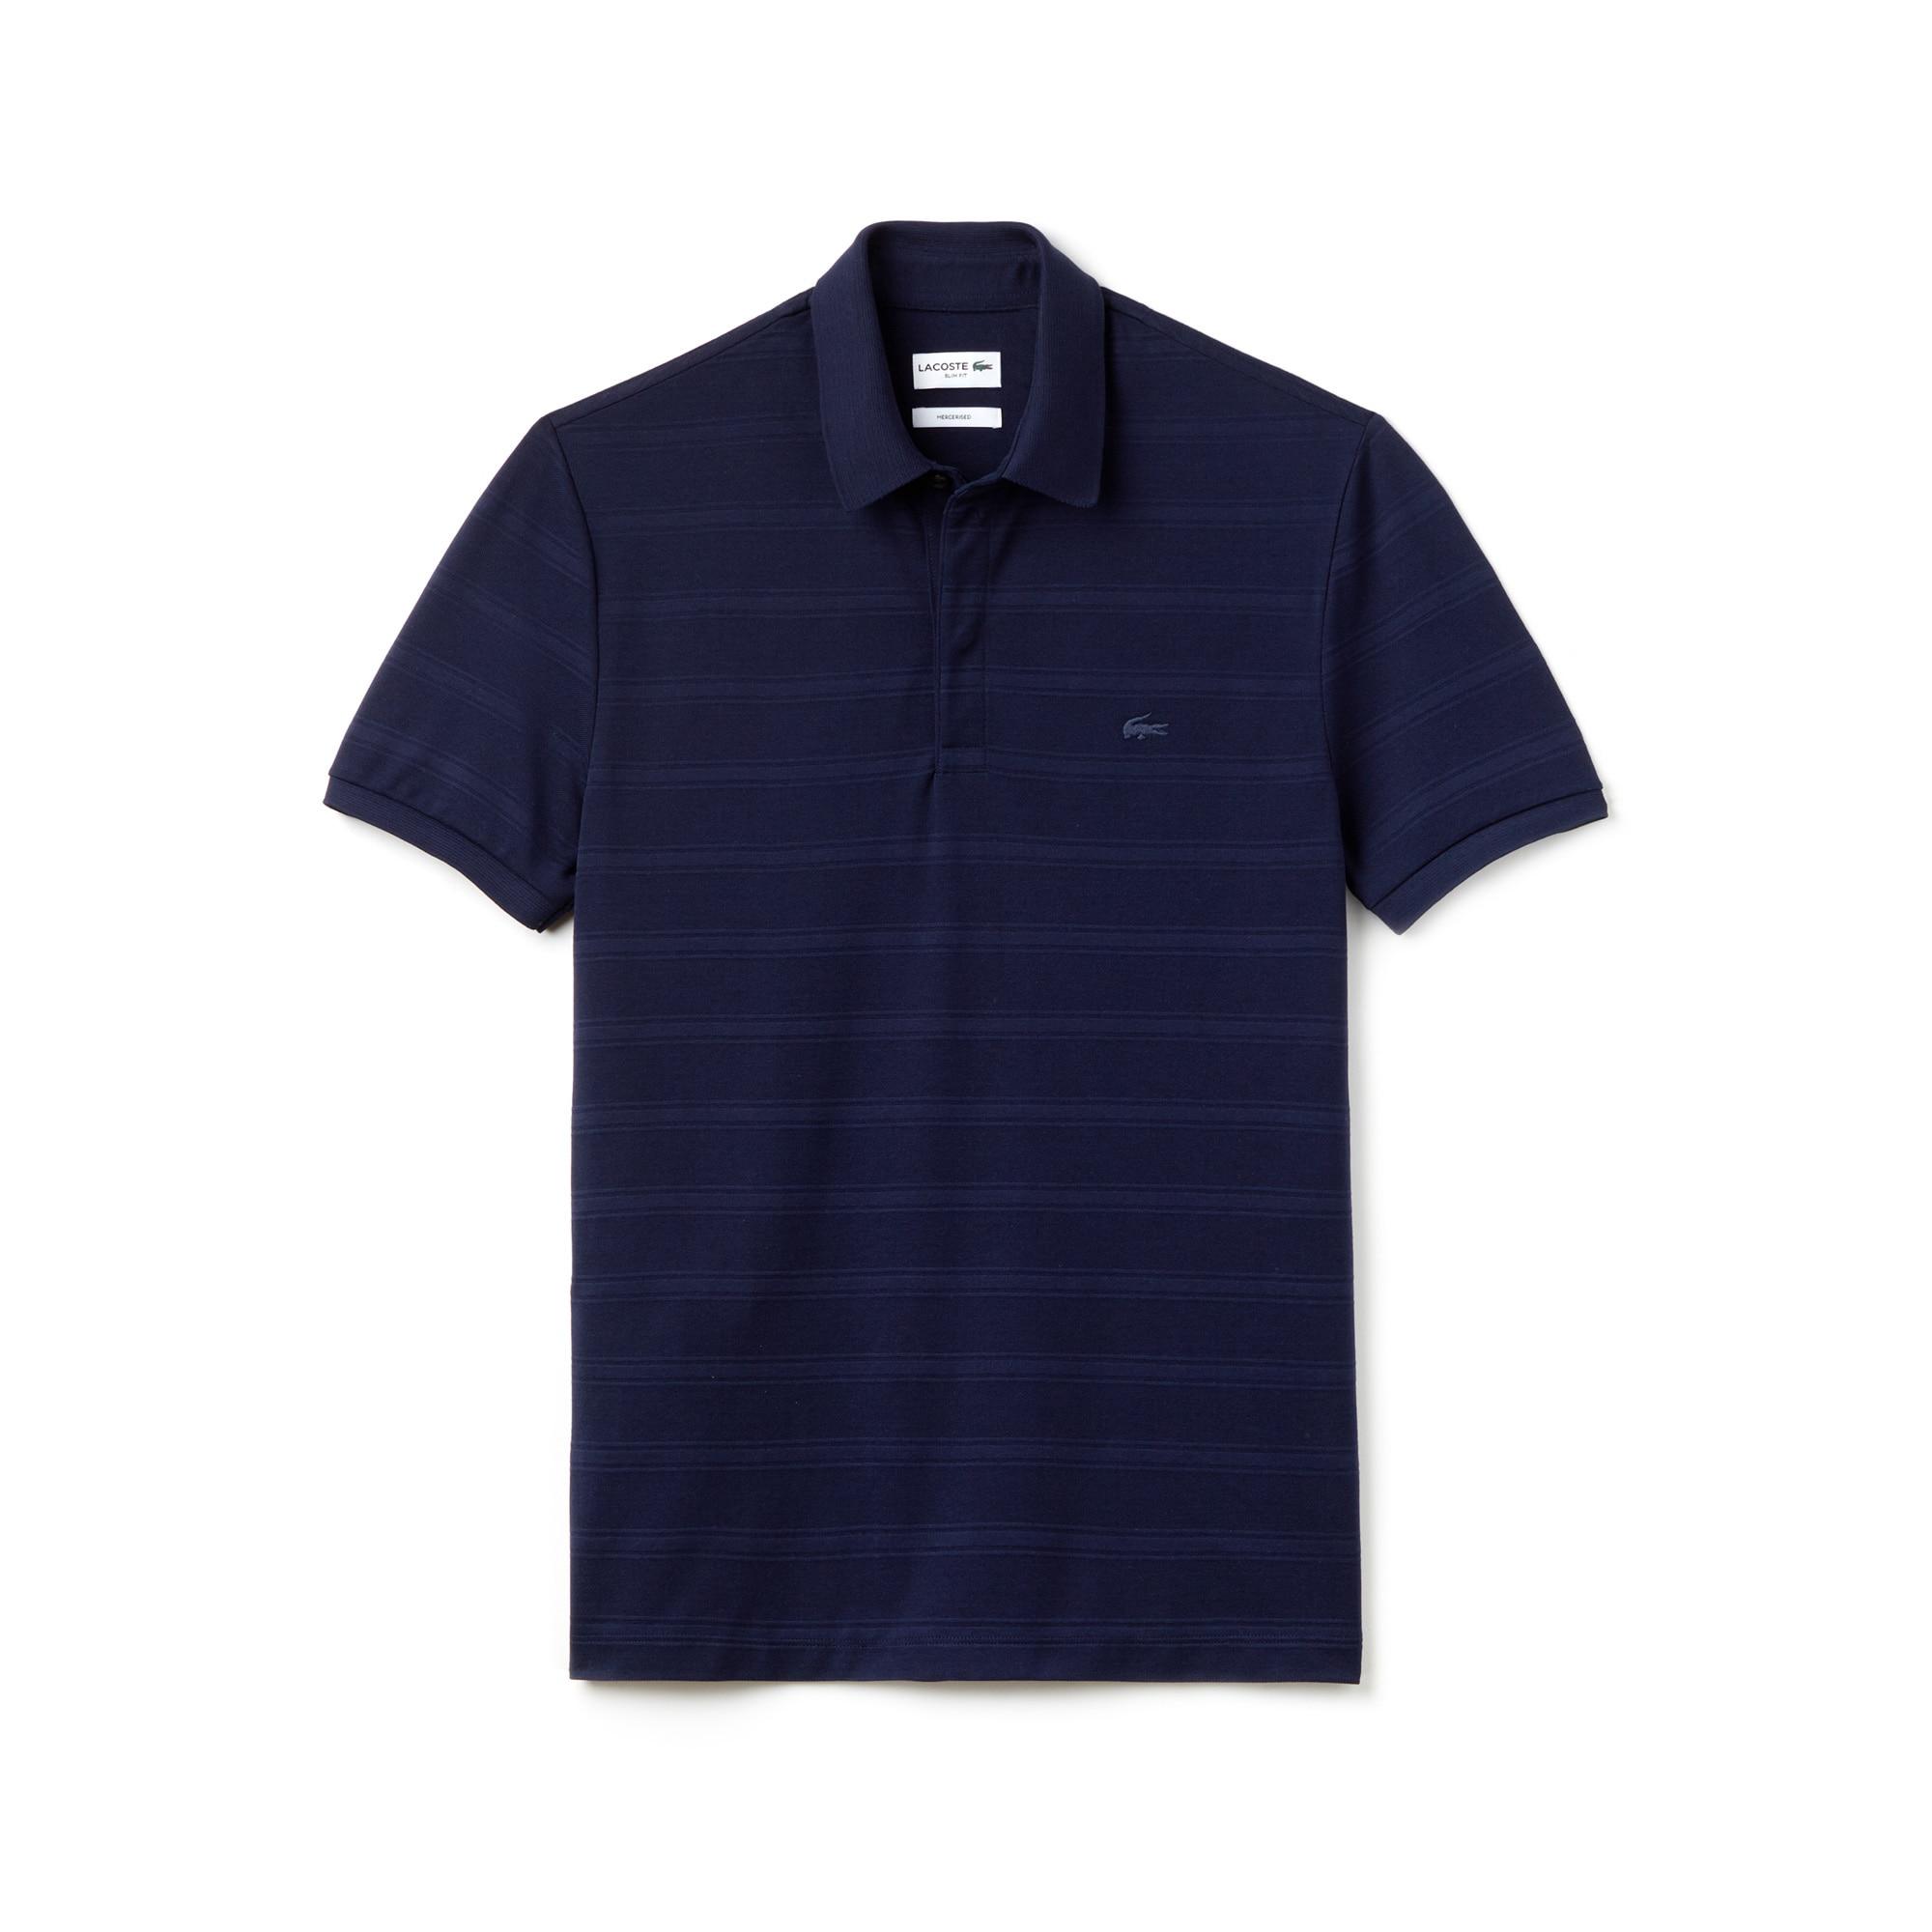 Men's Slim Fit Striped Cotton Piqué Polo